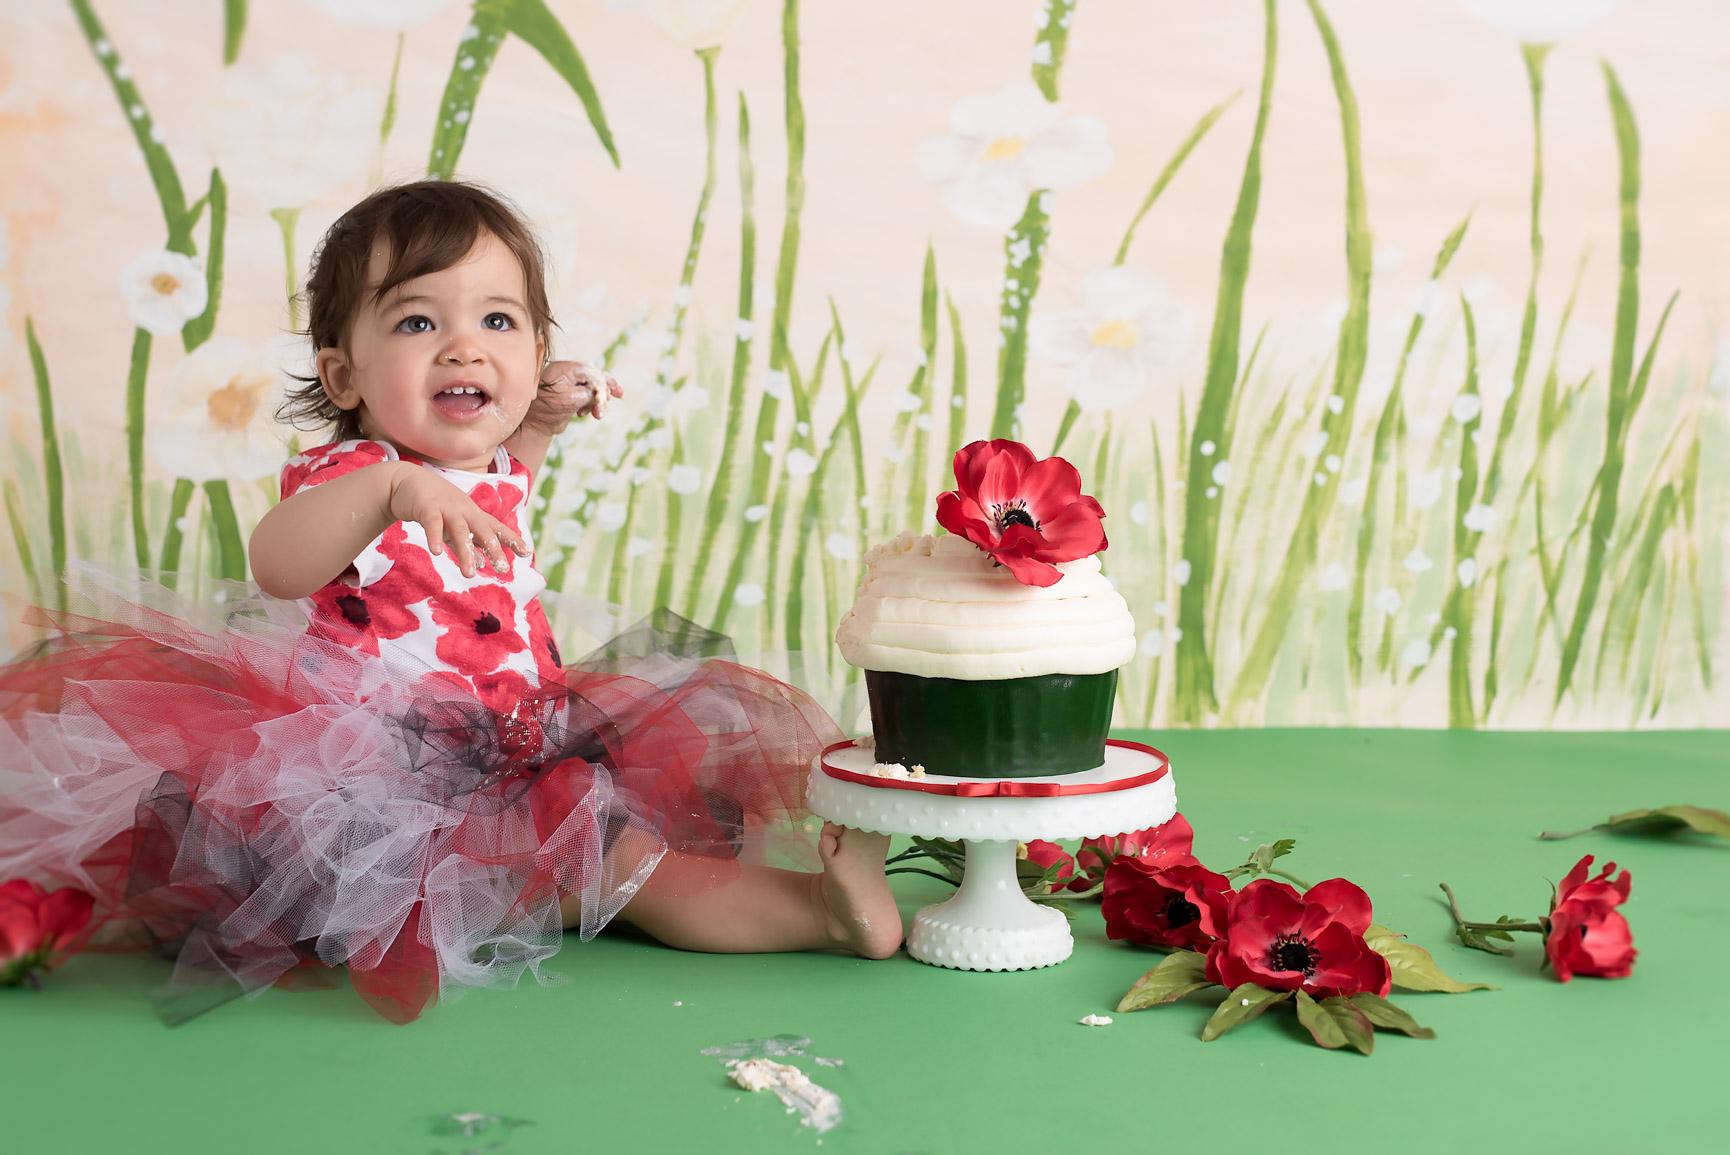 Cake Smash PoppyDSC_6488-Edit.jpg